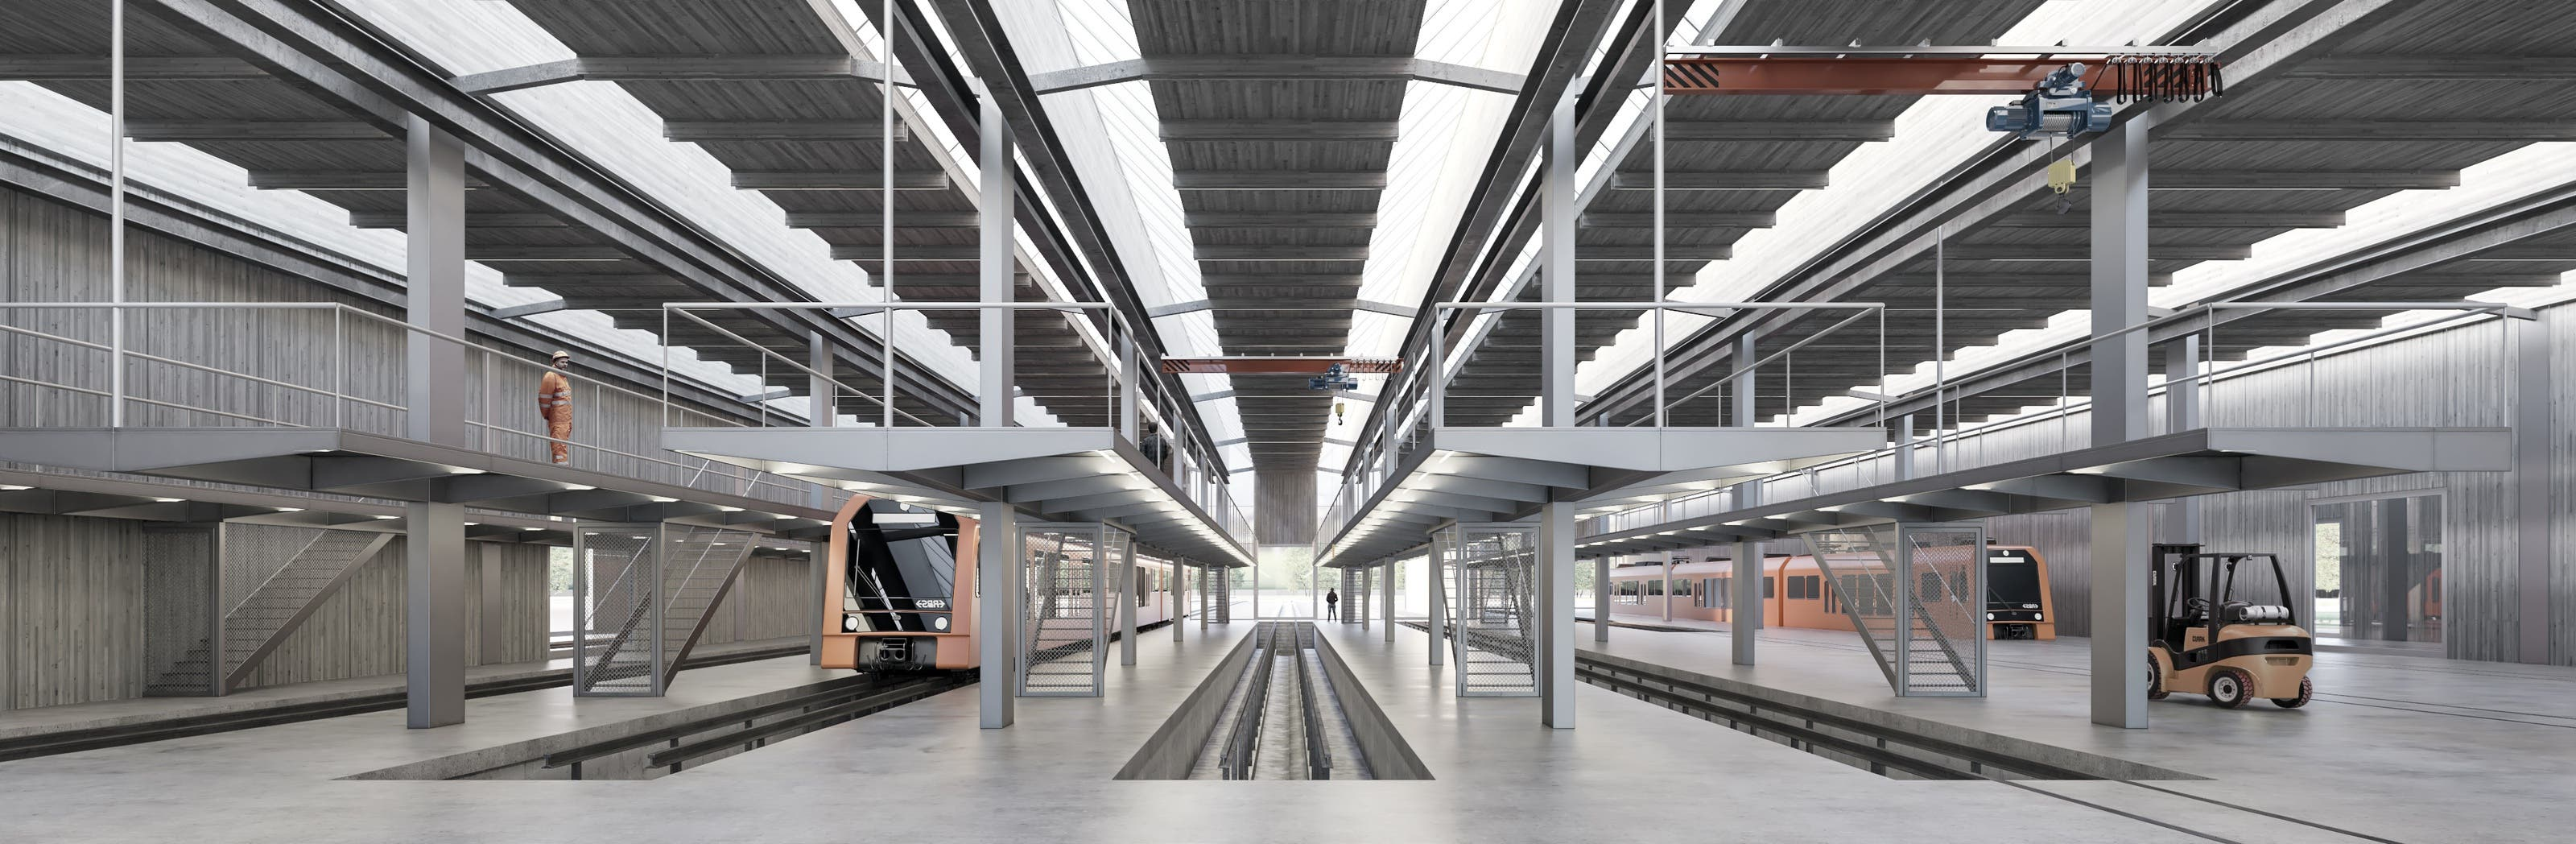 Das Dachtragewerk ist konzipiert als hybride Struktur aus Stahl und Holz. Die natürliche Belichtung der Halle mit Oblichtern entsteht direkt aus der Geometrie des Tragwerks.